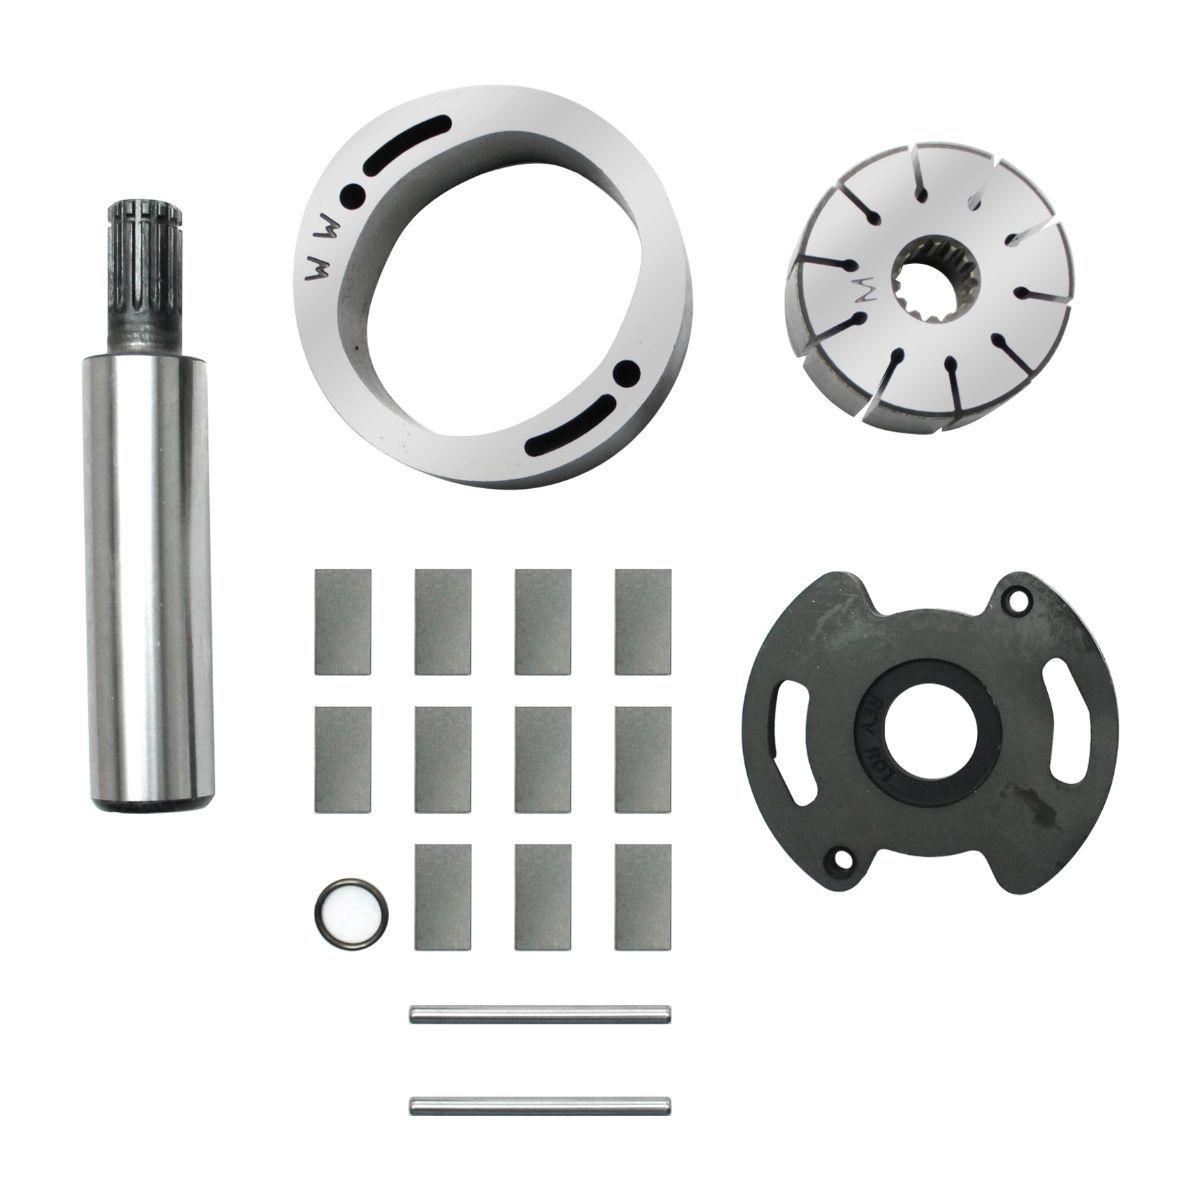 Conjunto Rotativo Bombas Dhb Rotrev Chevrolet S10 / Mercedes-Benz Sprinter (Todas Rotação Esquerda) Rotor Fornecido Com 01 Placa Fina